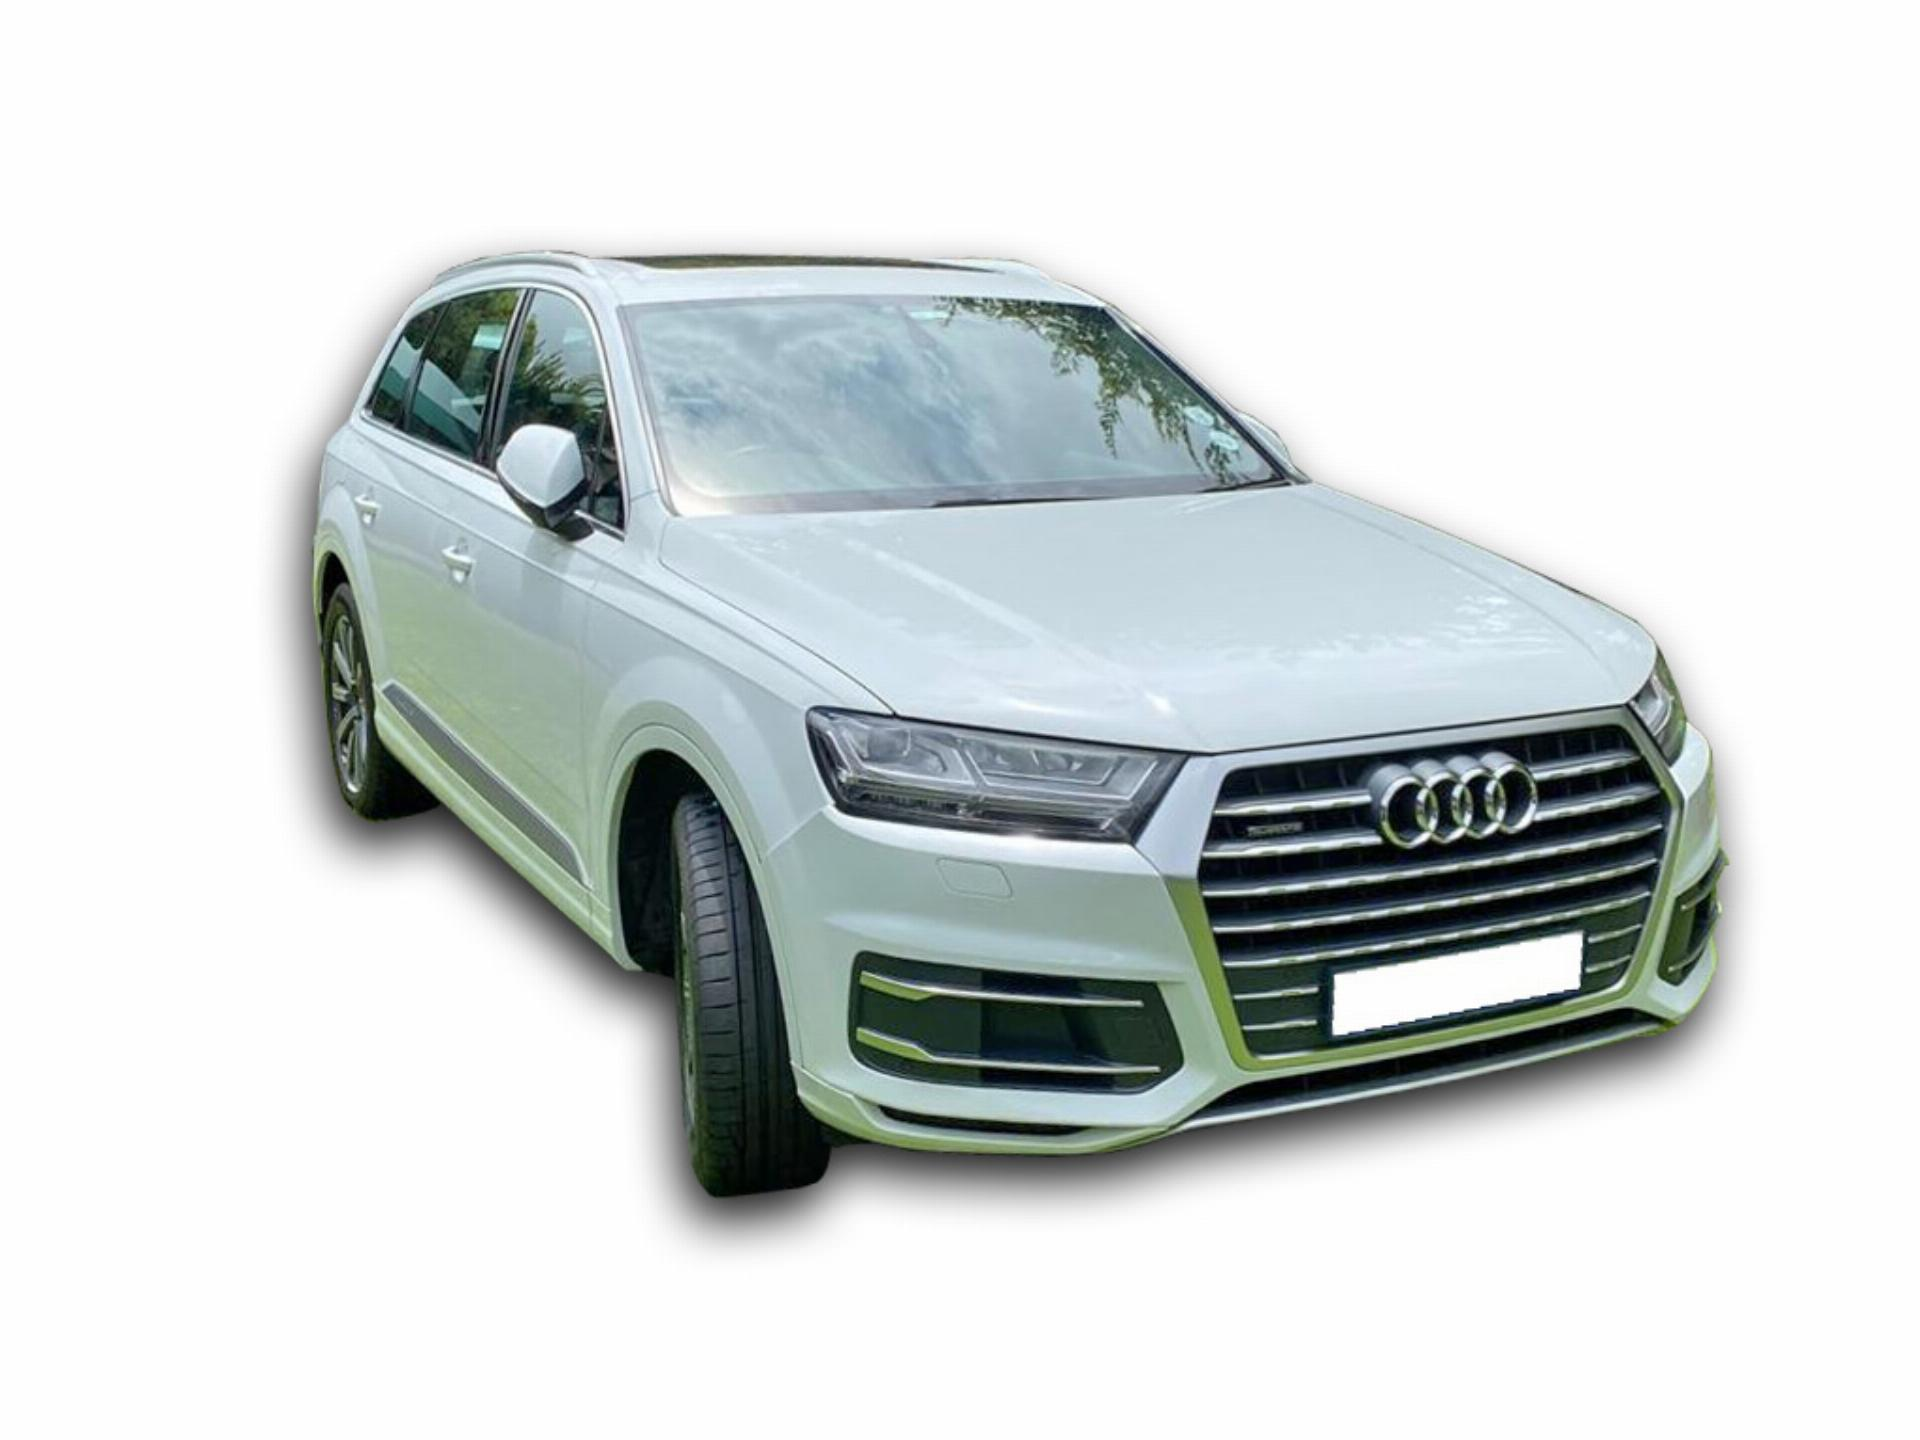 Audi Q7 3.0 TDI V6 Quattro Tip (45 TDI)